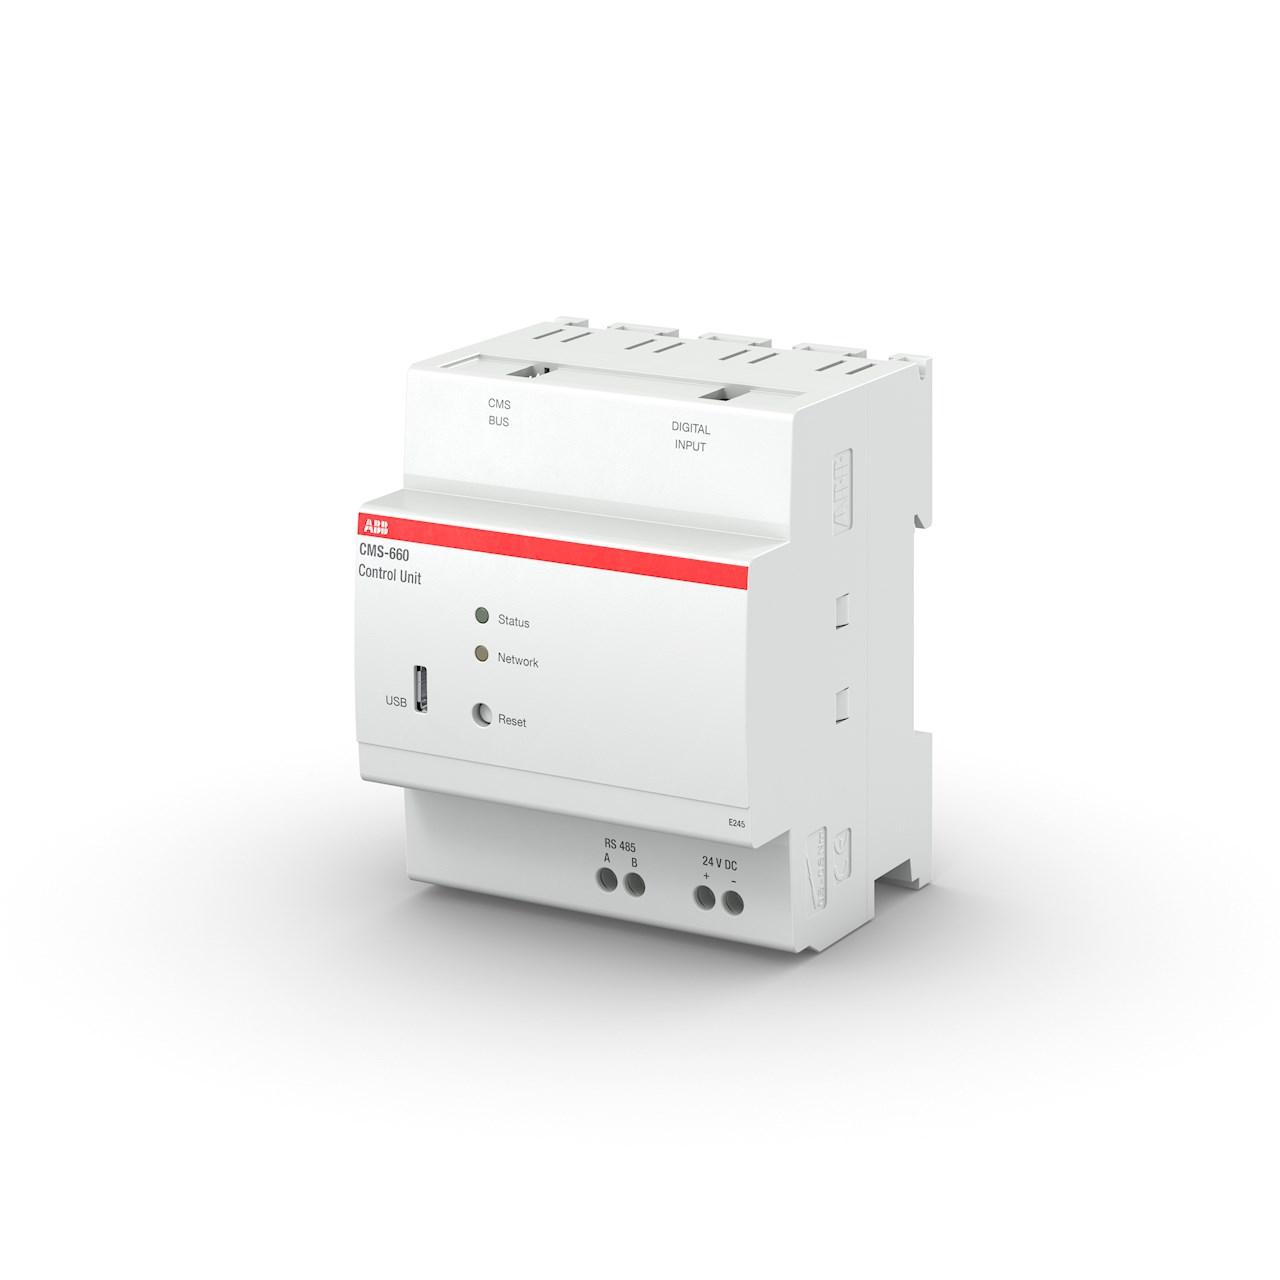 Das CMS-660 Stromüberwachungssystem erkennt Gefahrensituationen in PV Anwendungen bevor es zu Betriebsunterbrechungen oder Stromausfällen kommt.